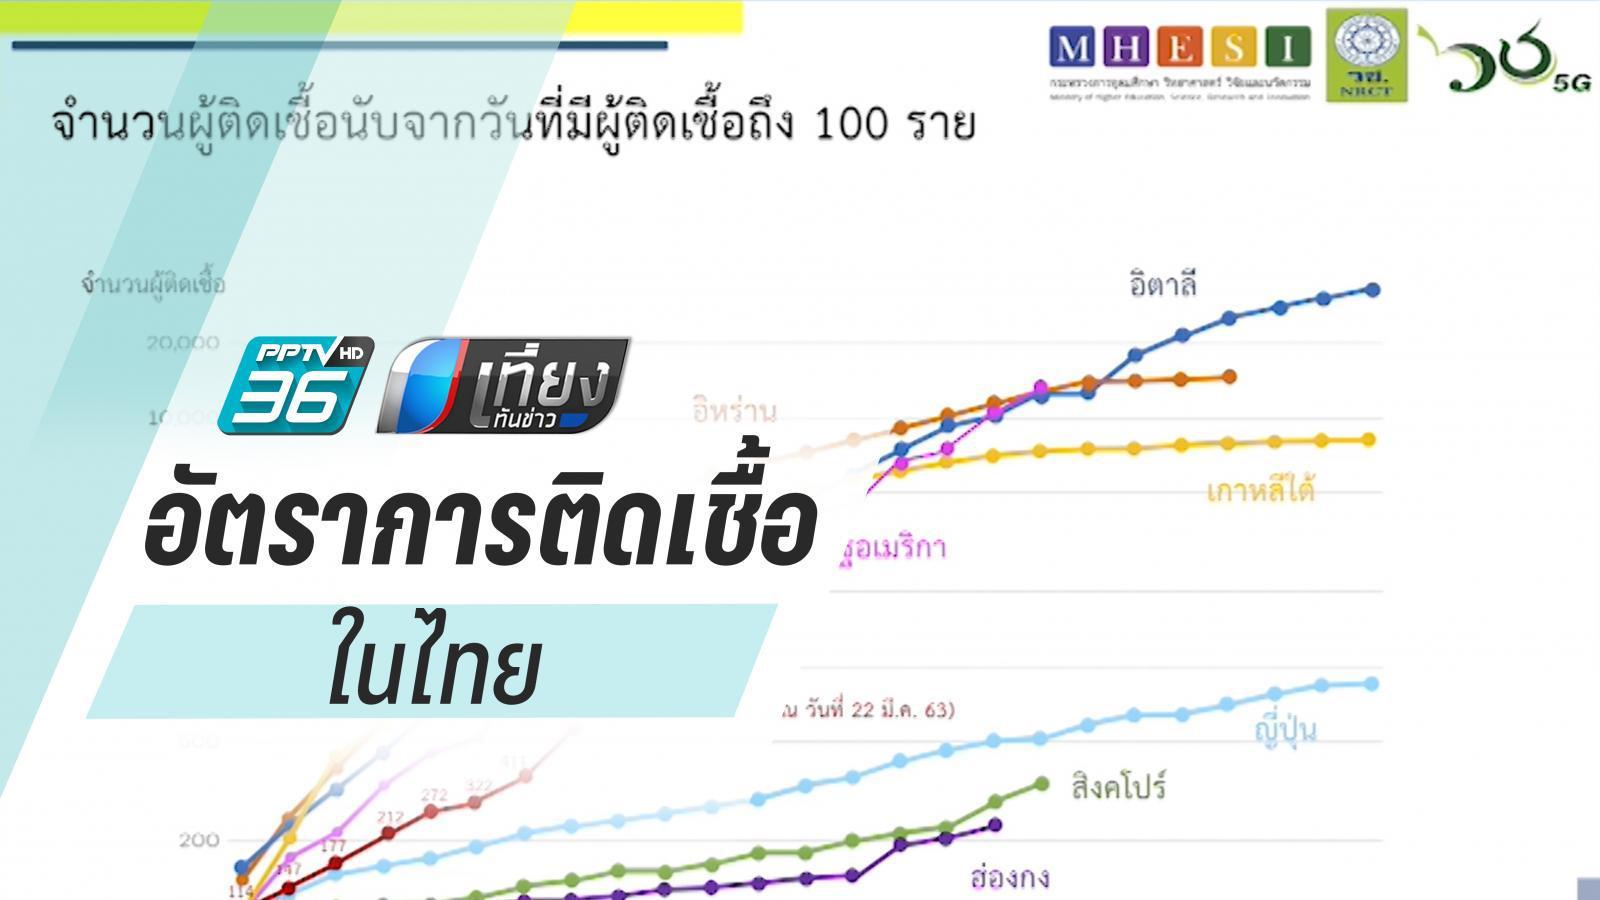 เทียบกราฟอัตราการติดเชื้อในไทยกับต่างประเทศ